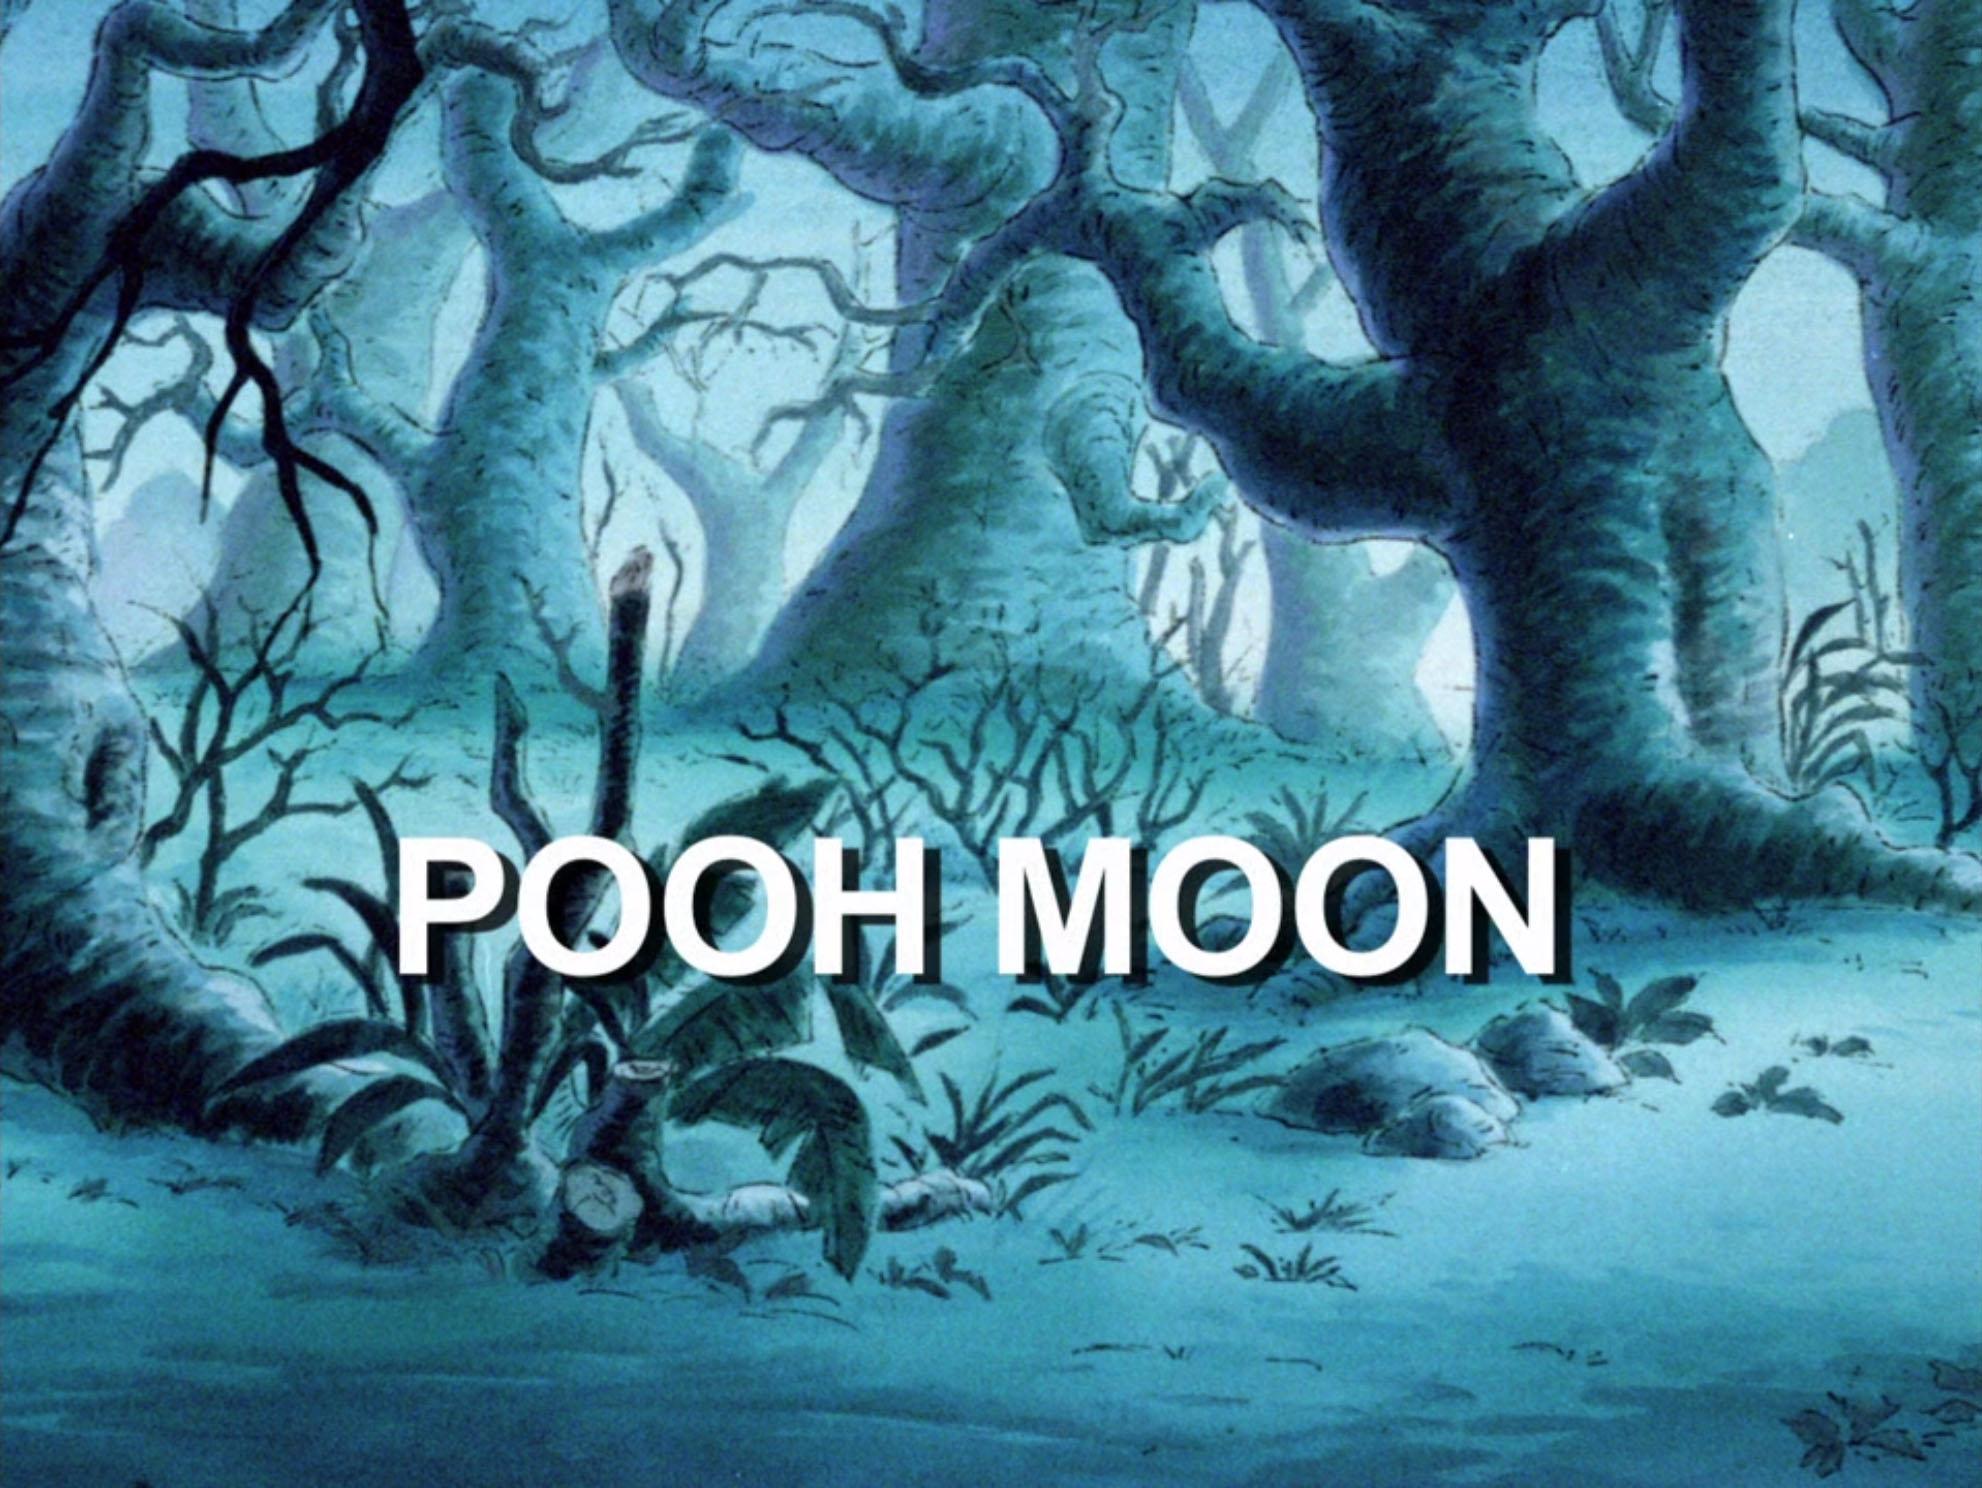 File:Poohmoon.jpg